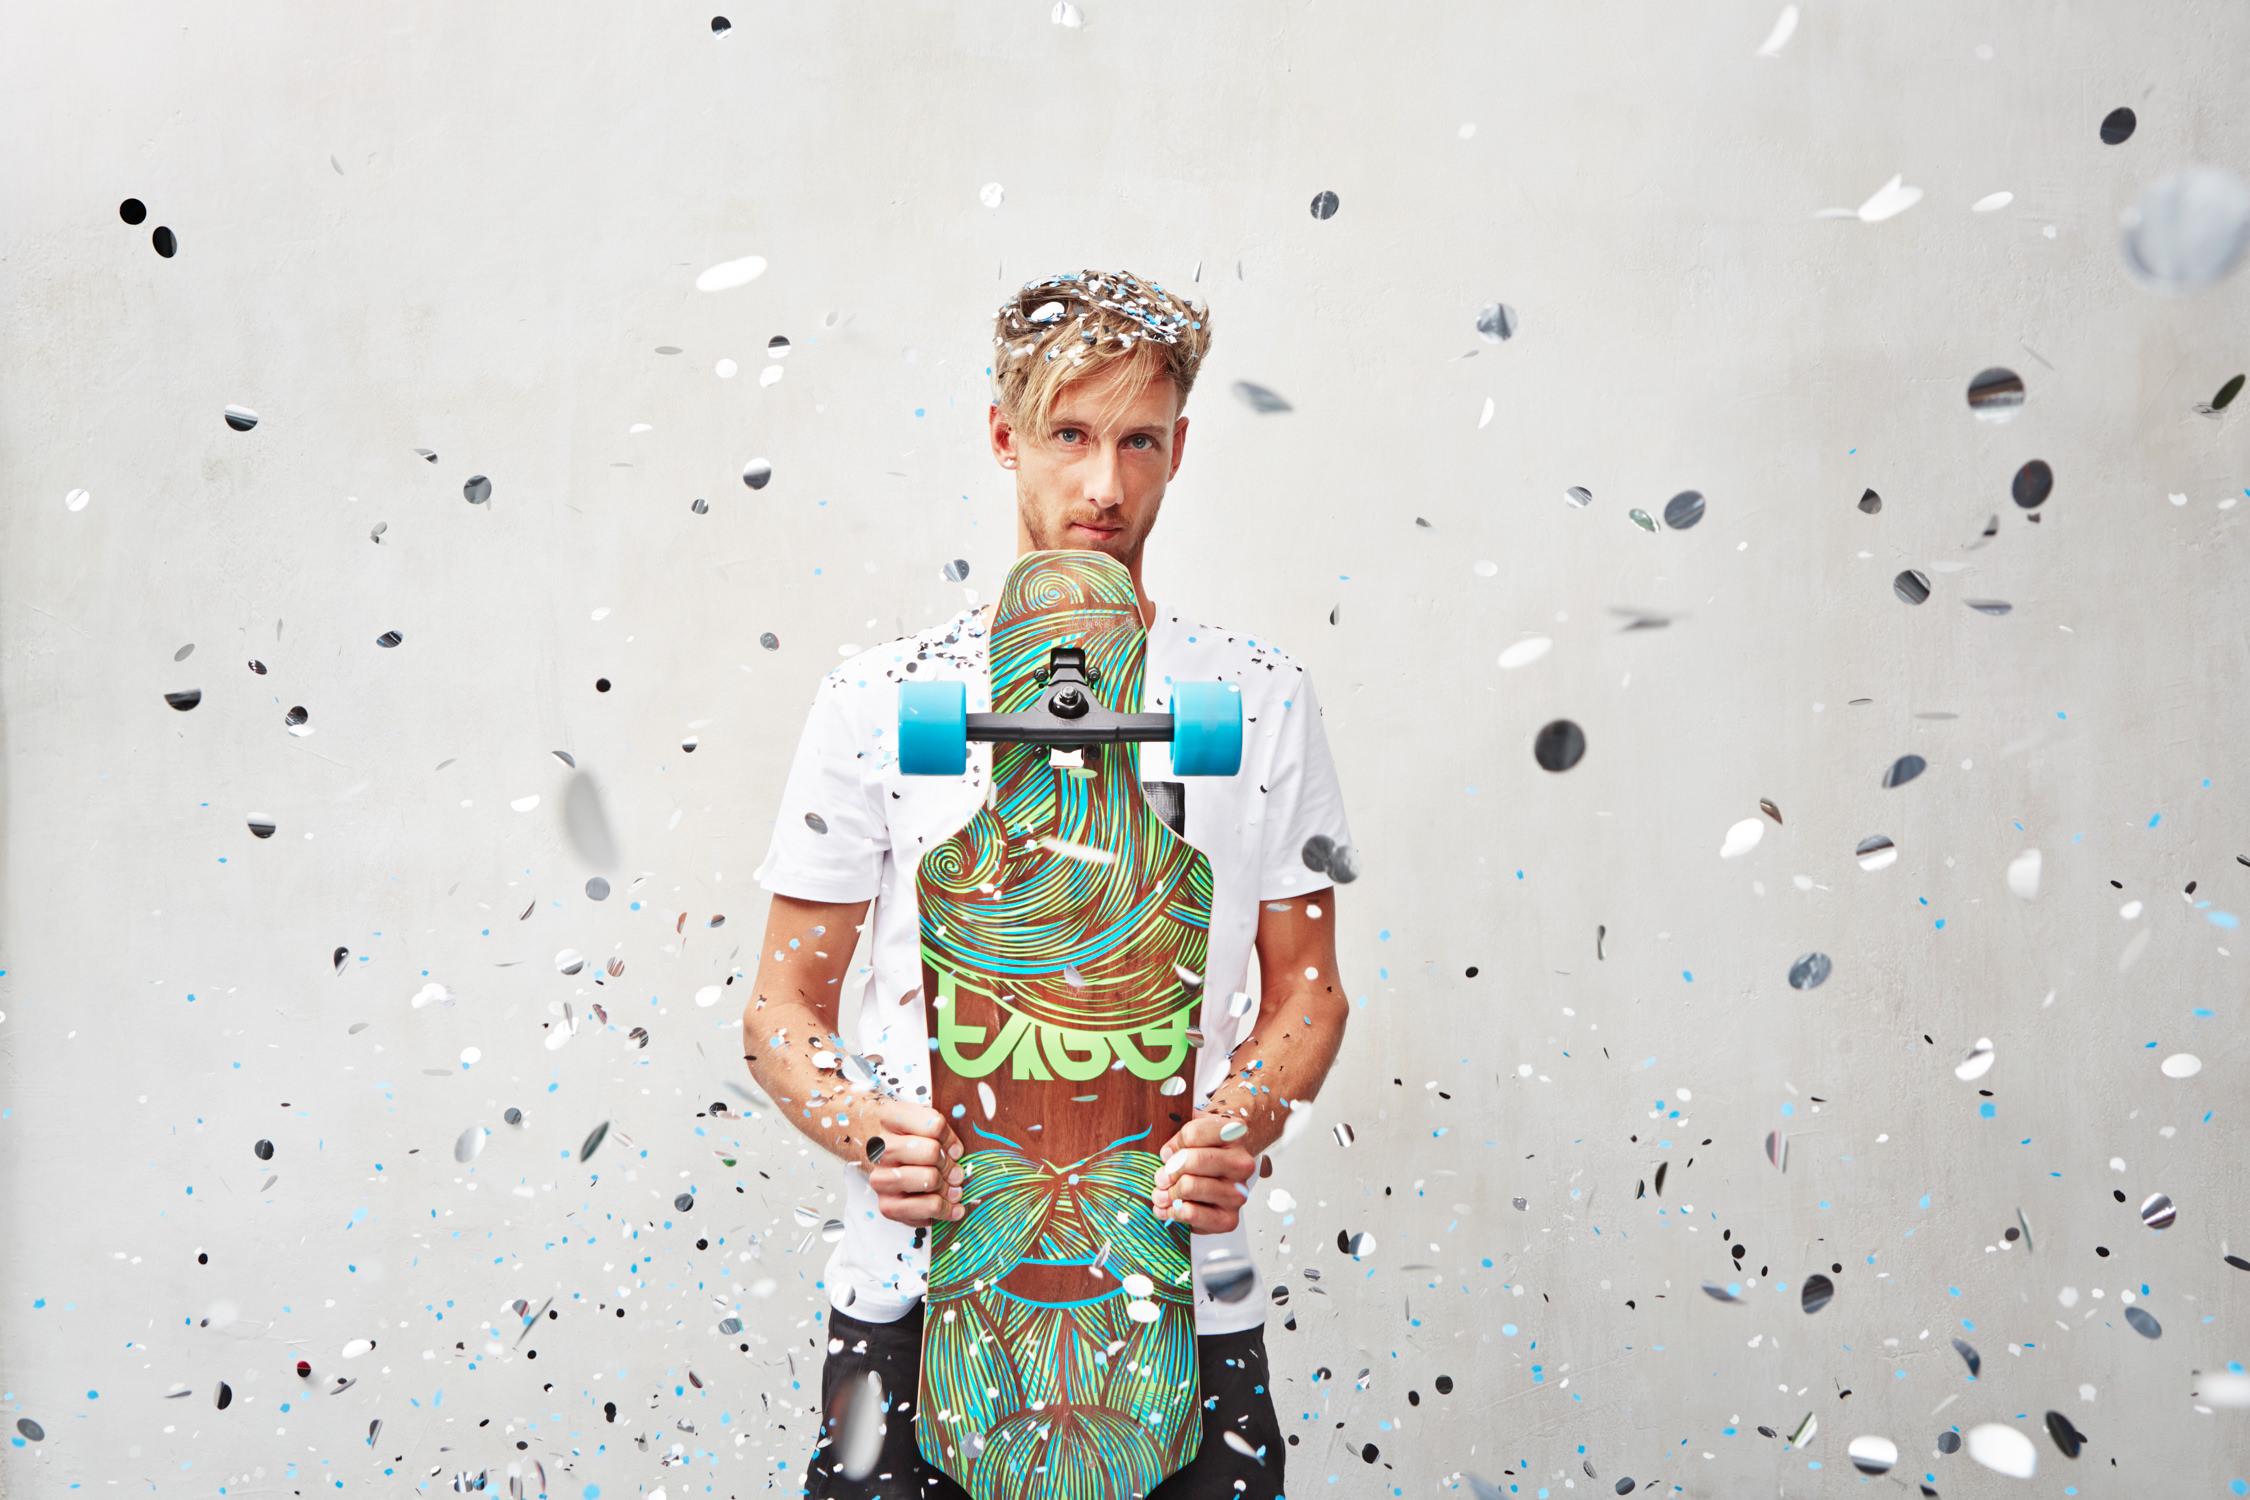 area fun4u sports junger mann konfetti regen rollen graue wand skatebaords Jörn Strojny